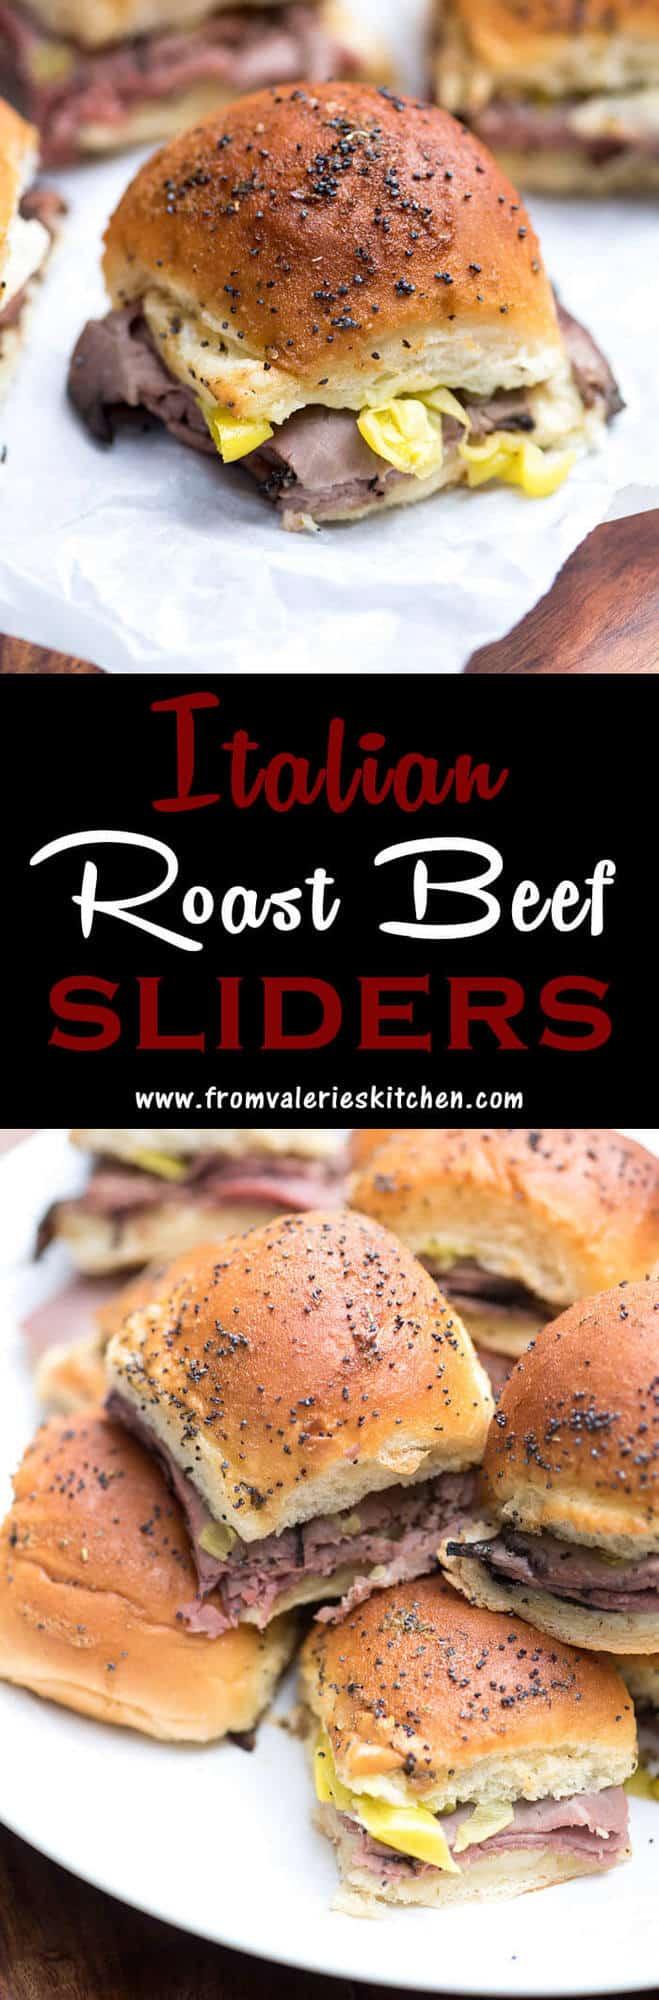 Large Of Roast Beef Sliders